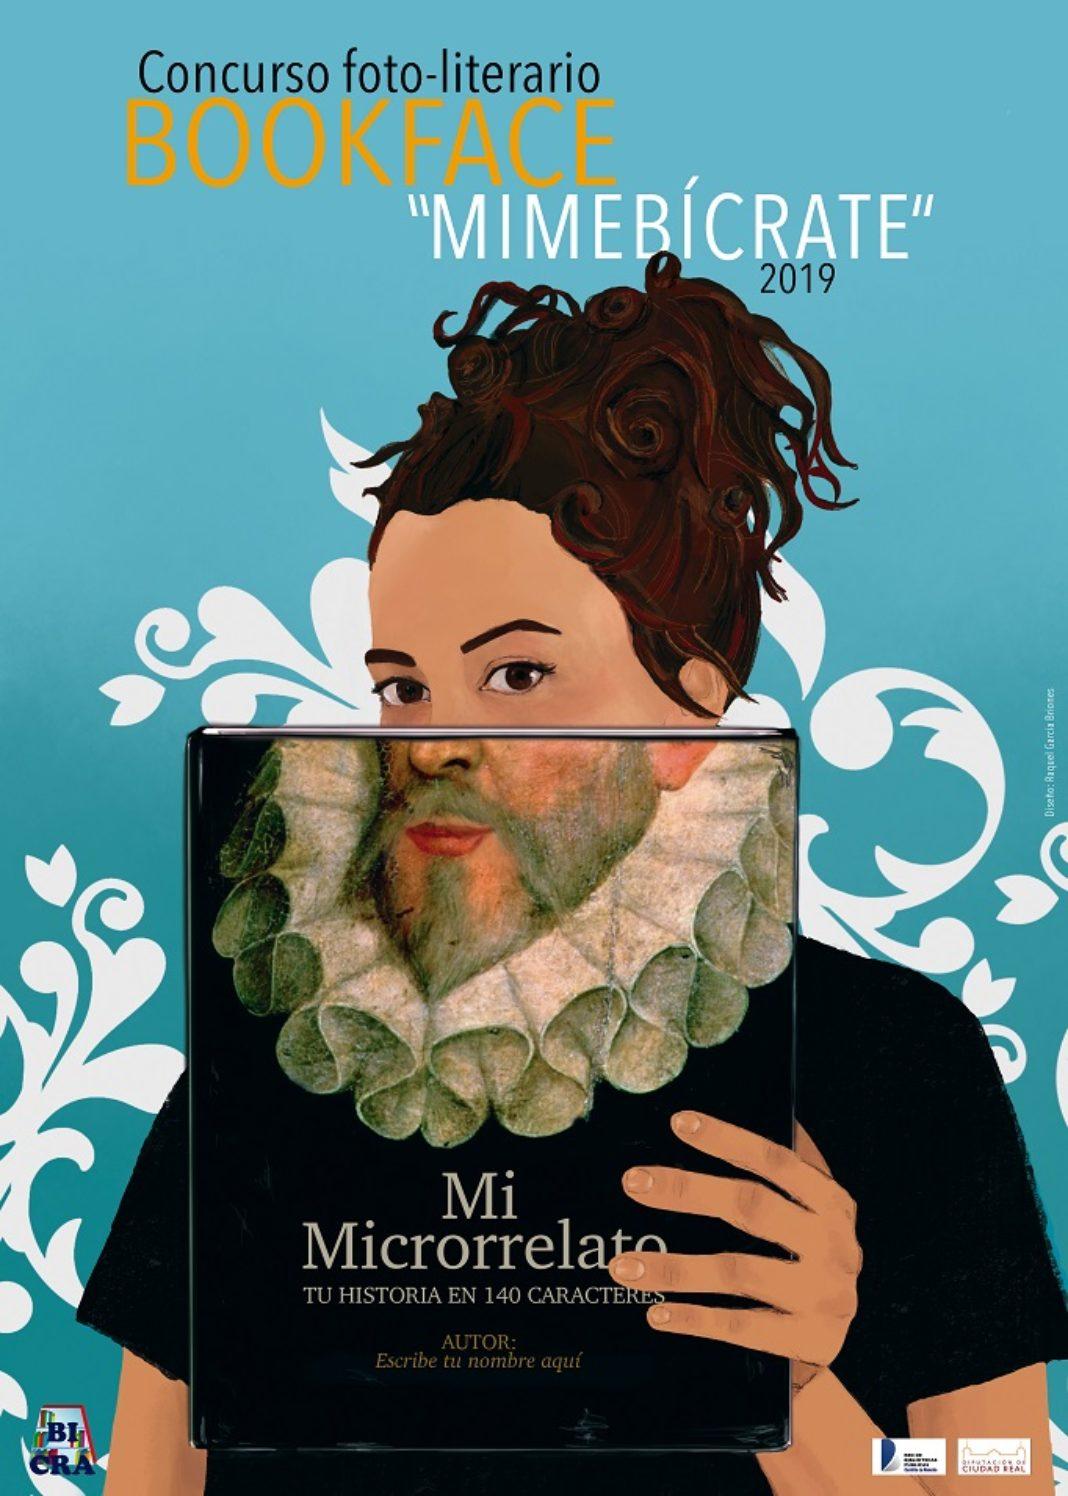 Internet CONCURSO BOOKFACE2019.Bicra  1068x1496 - La Biblioteca de Herencia se suma al fenómeno «Bookface»